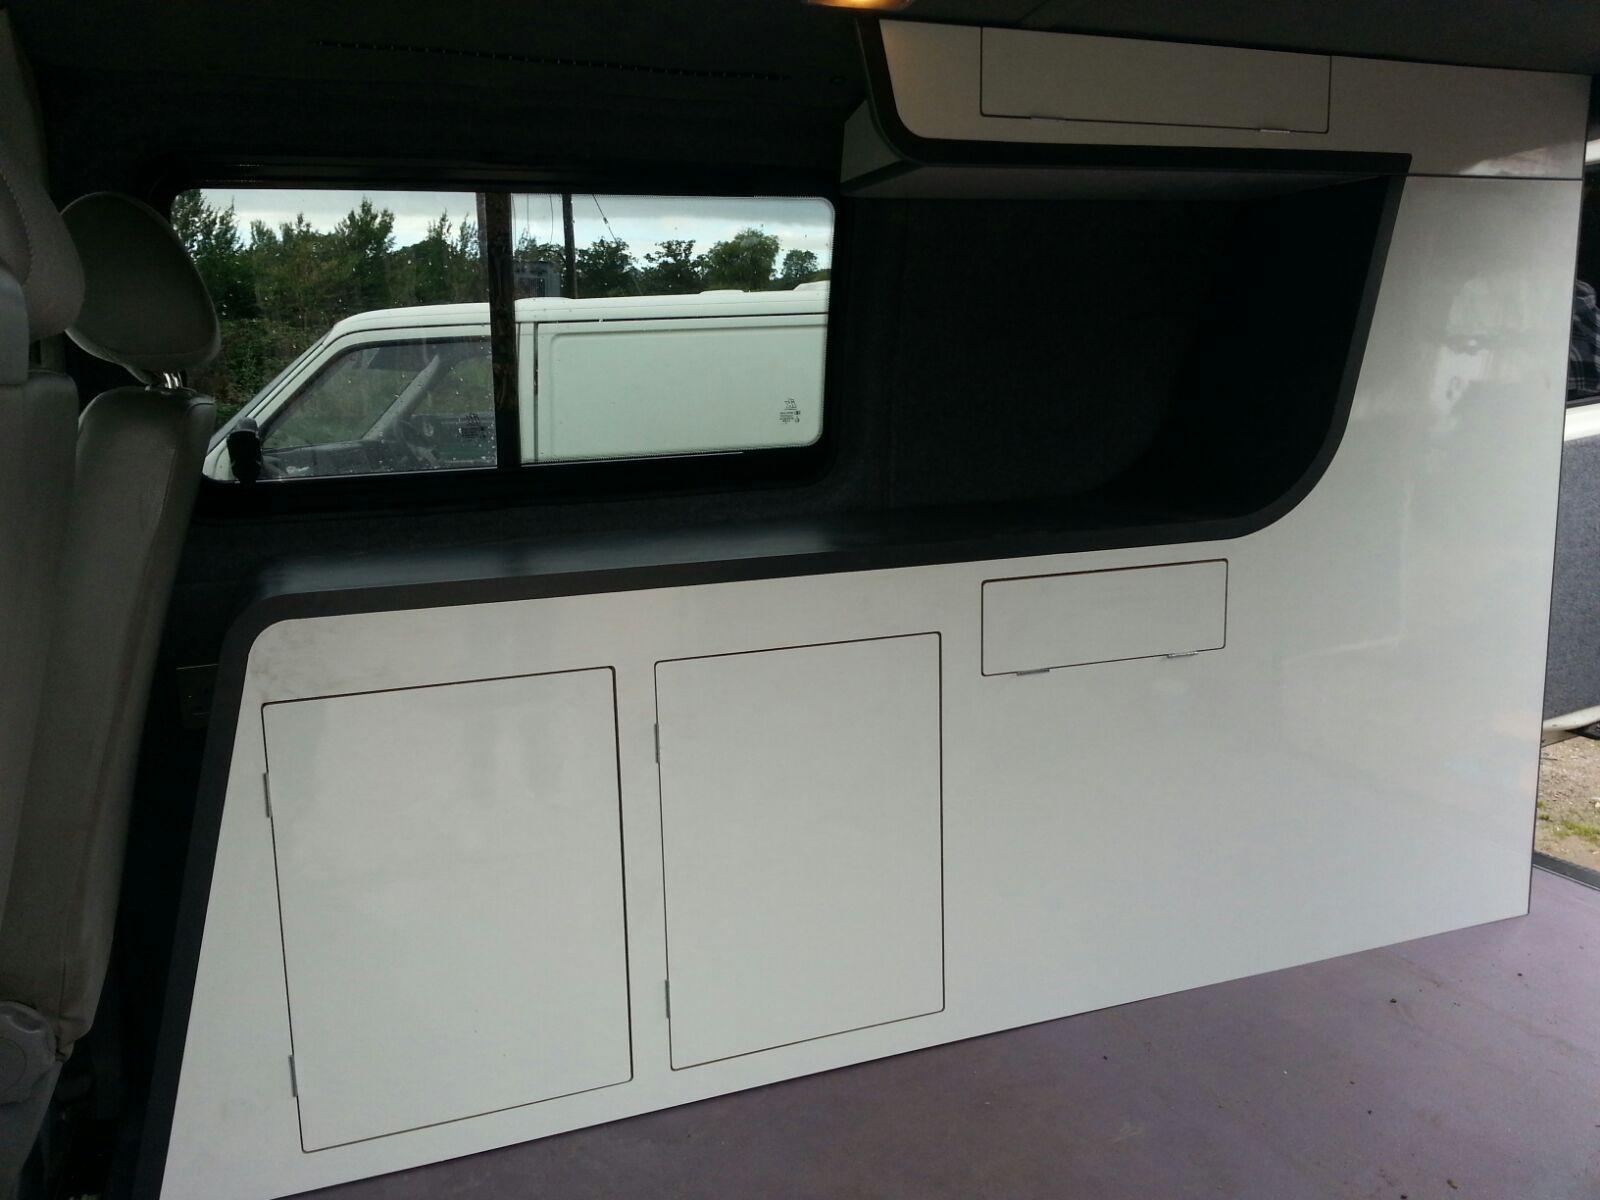 Campervan U0026 Motorhome Parts | EBay. Camper Van ConversionsT4 ...